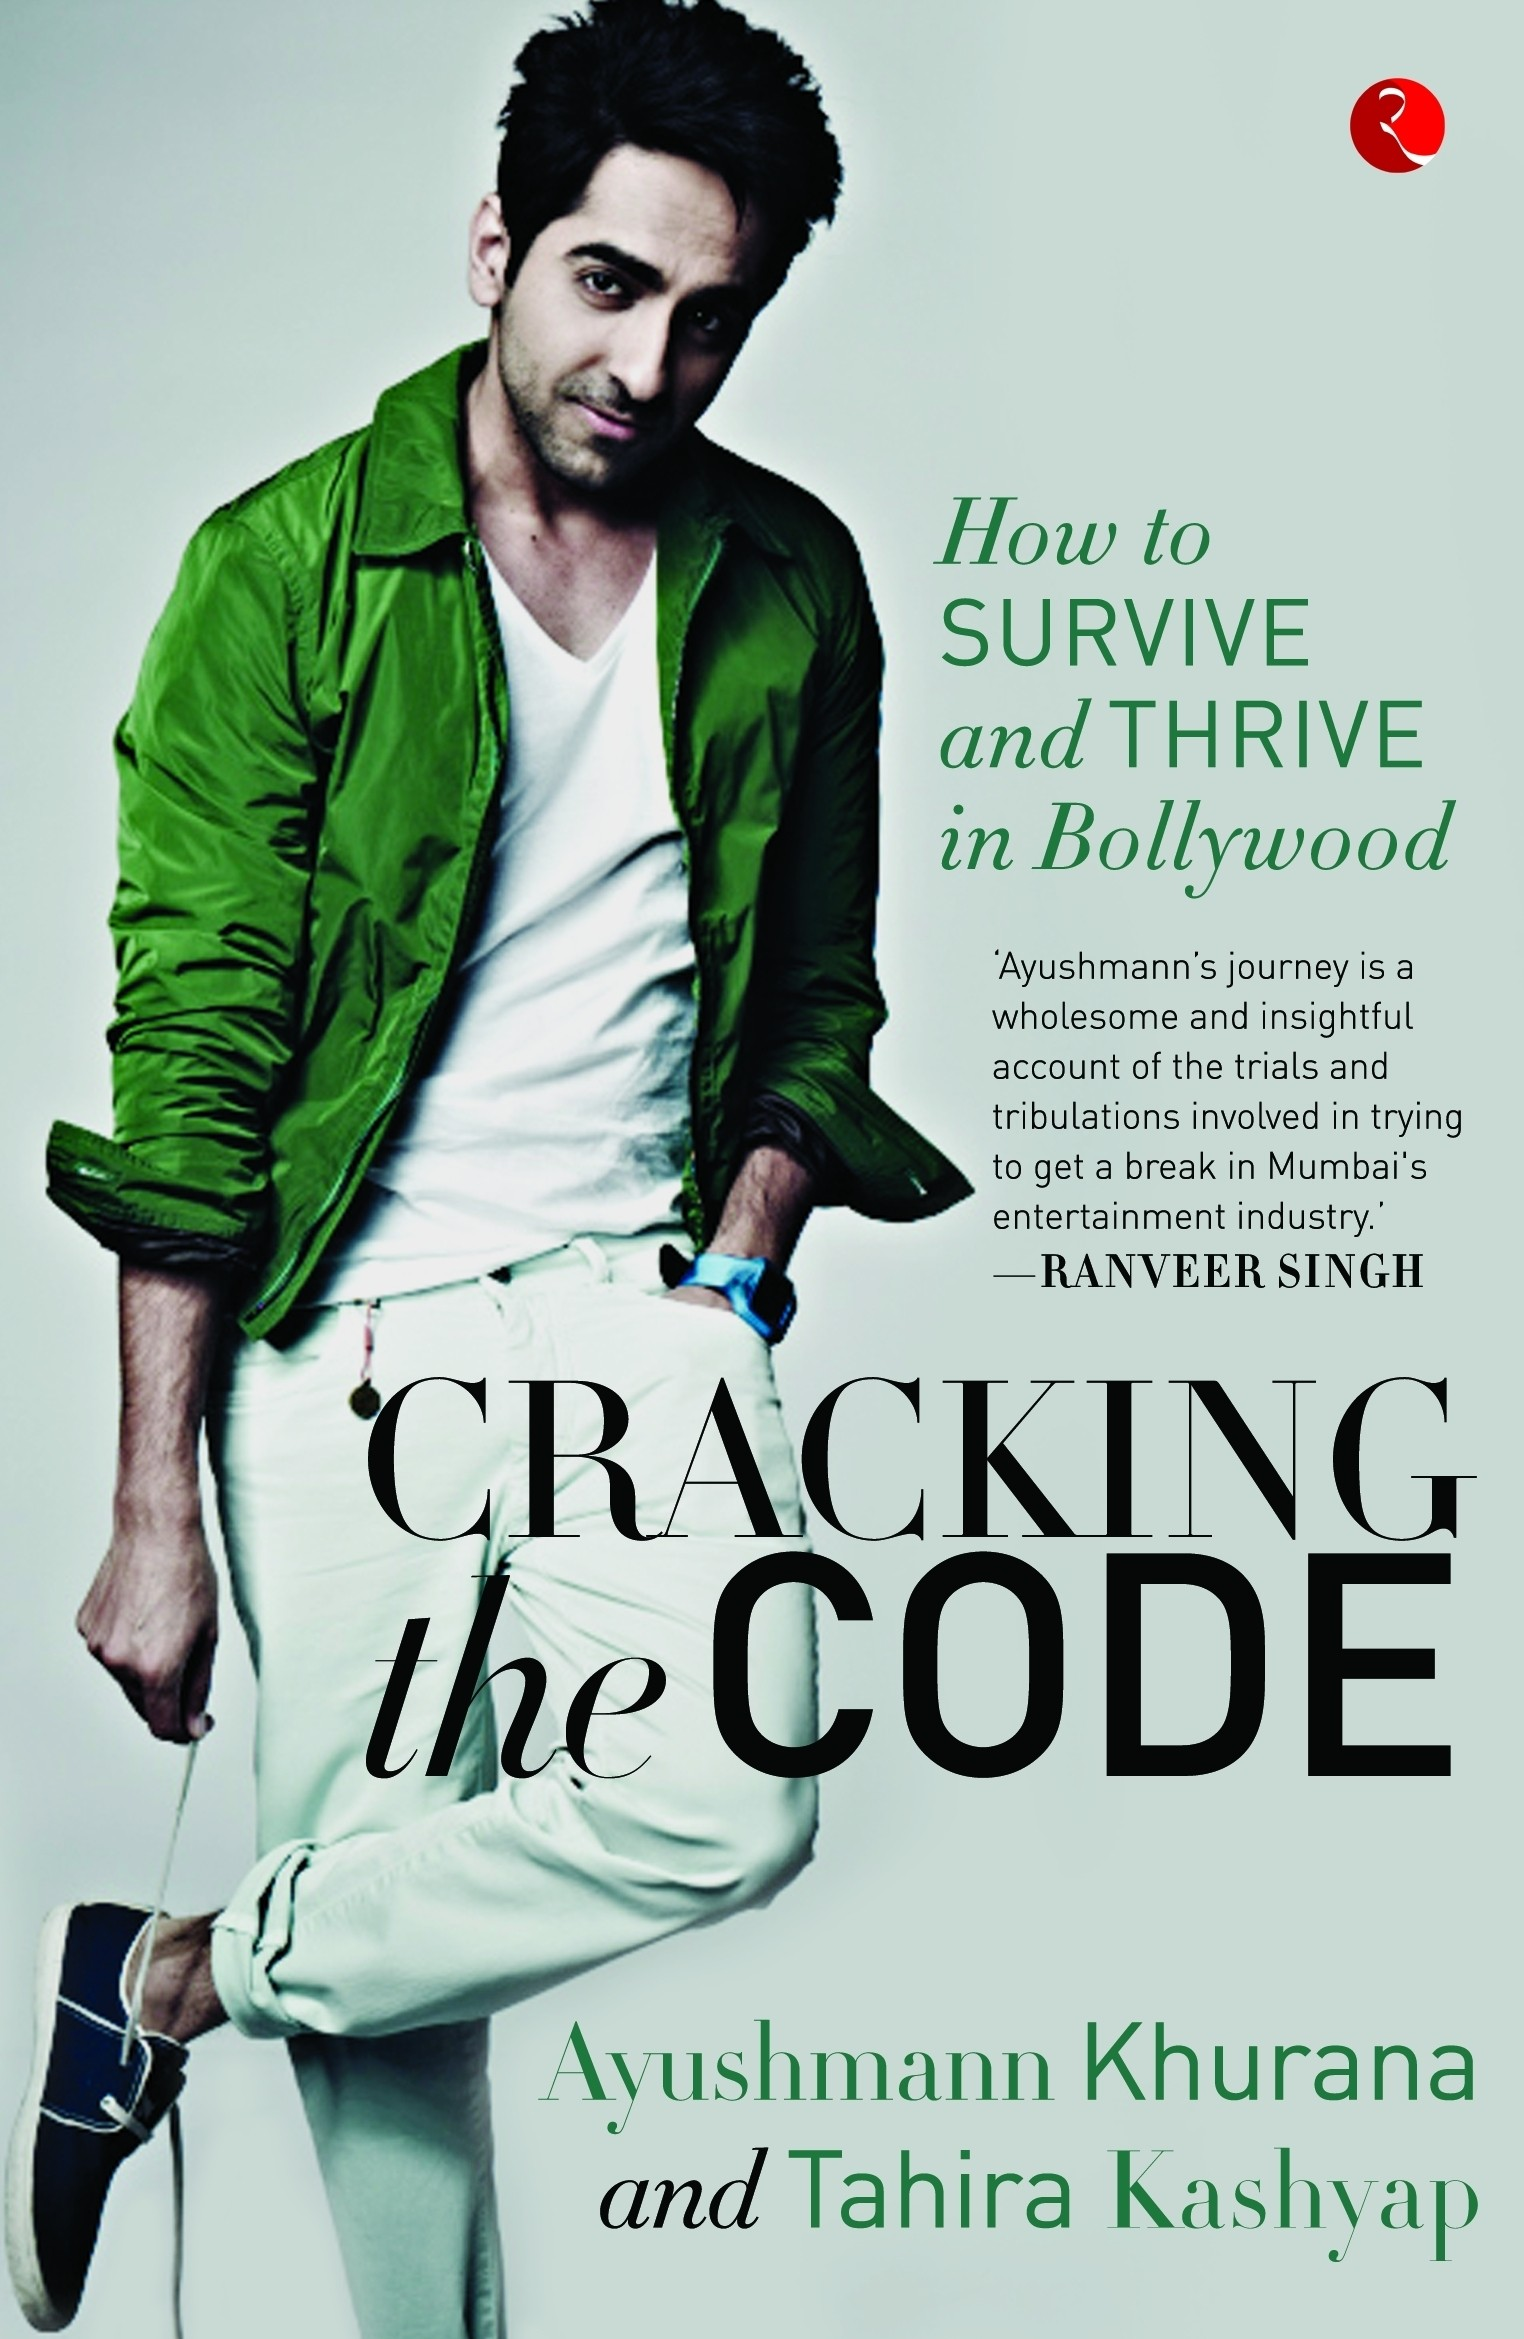 Cracking the Code journey to bollywood Ayushmann Khurana Tahira Kashyap